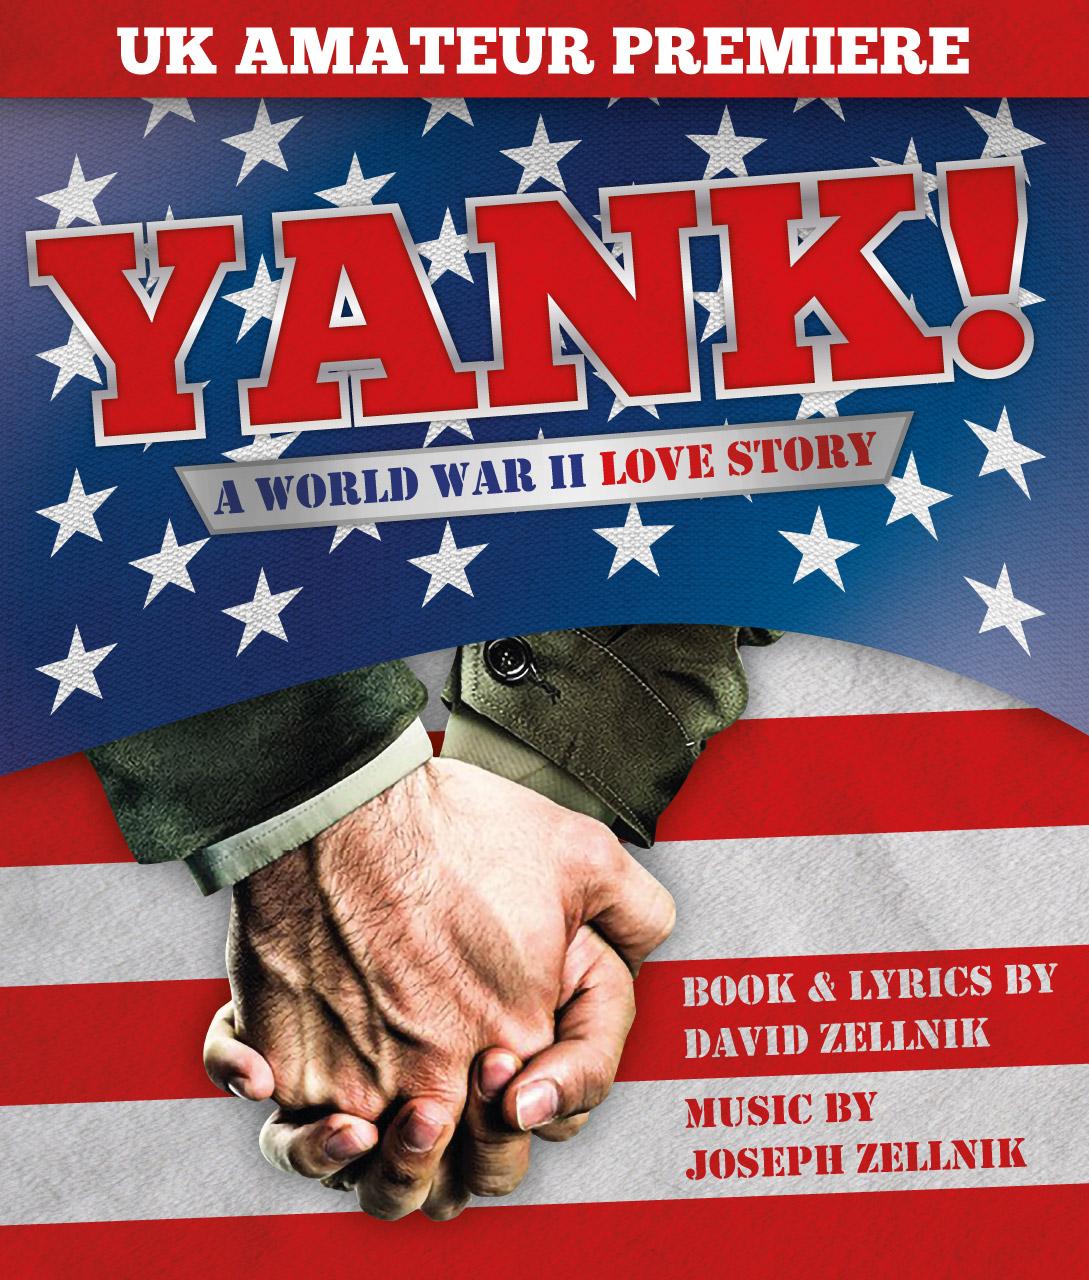 Yank! banner image